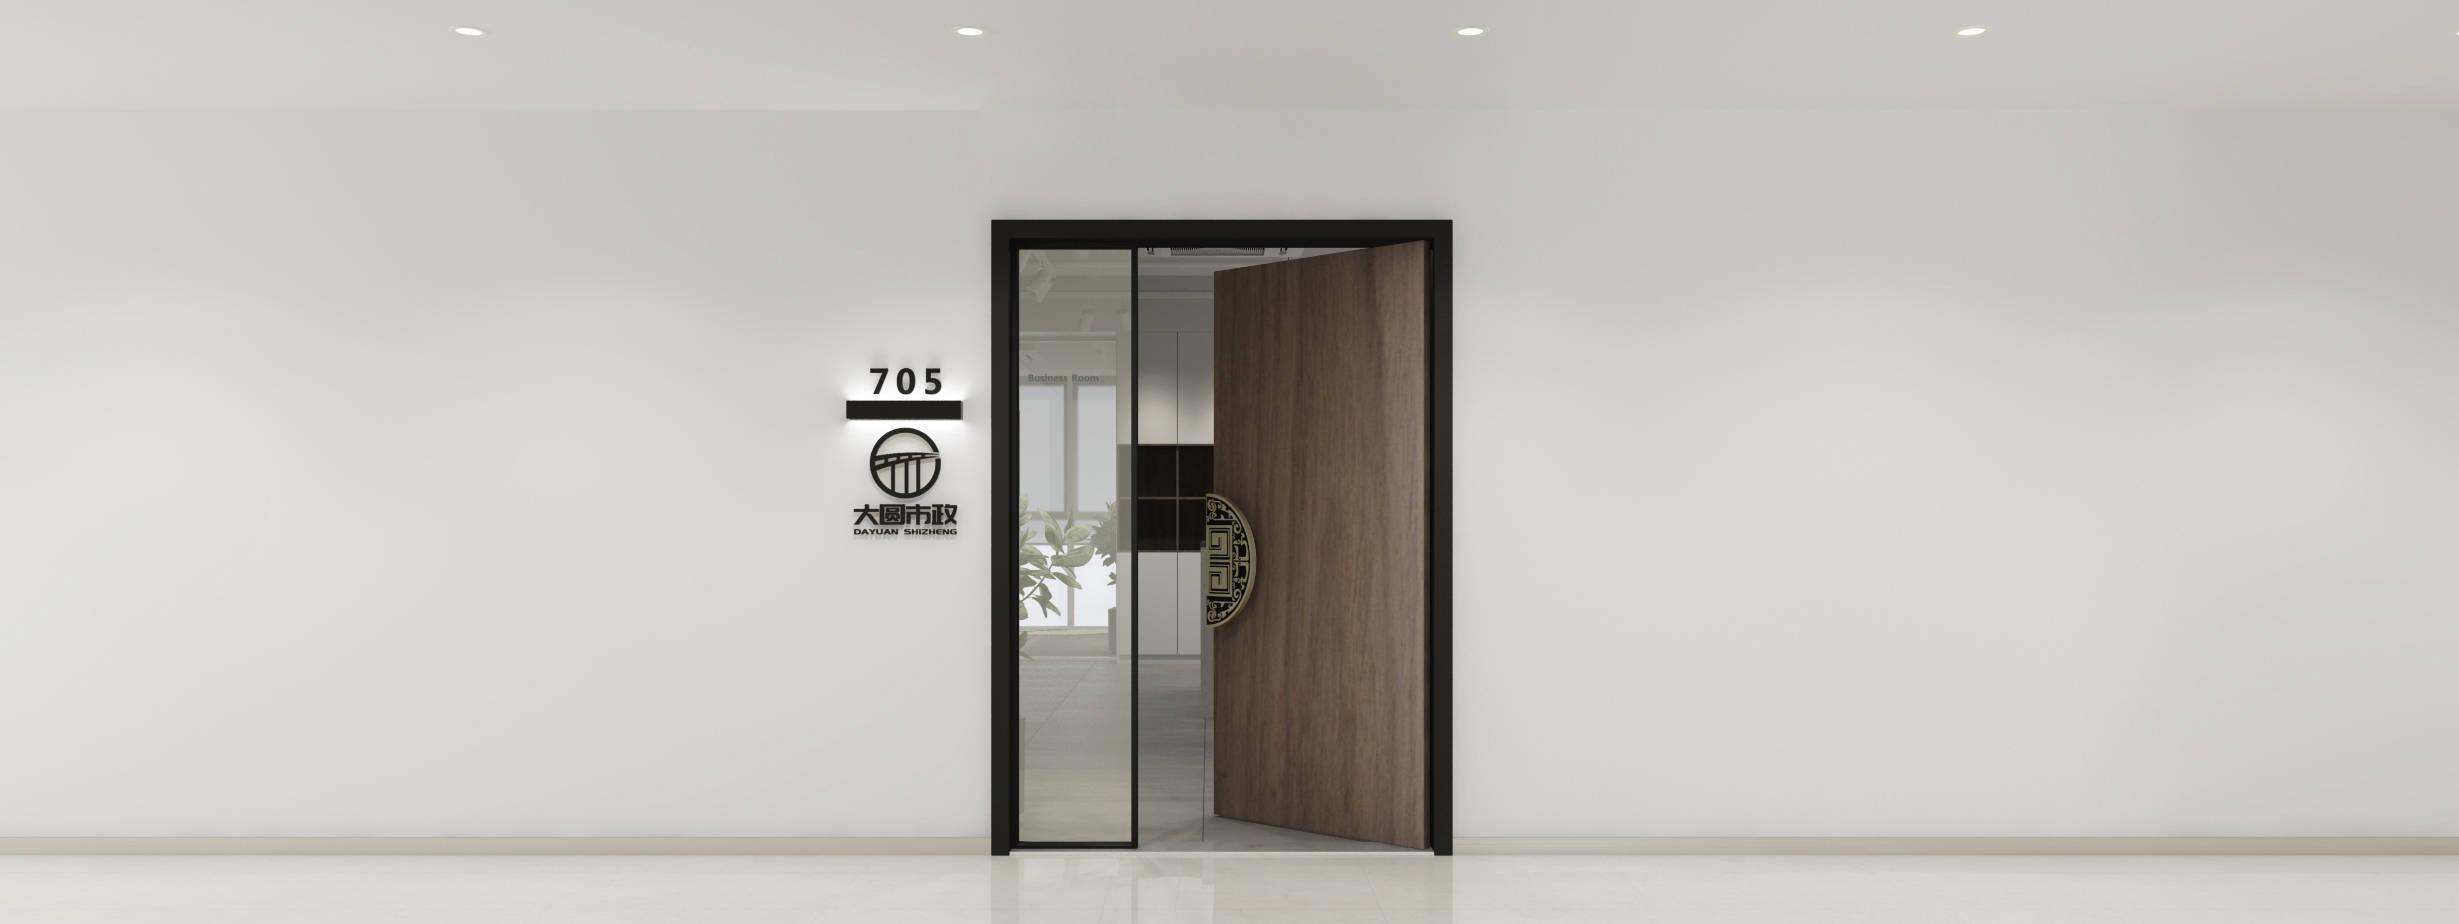 东莞科技办公室及茶水间设计装修,40平米正方形设计图图片